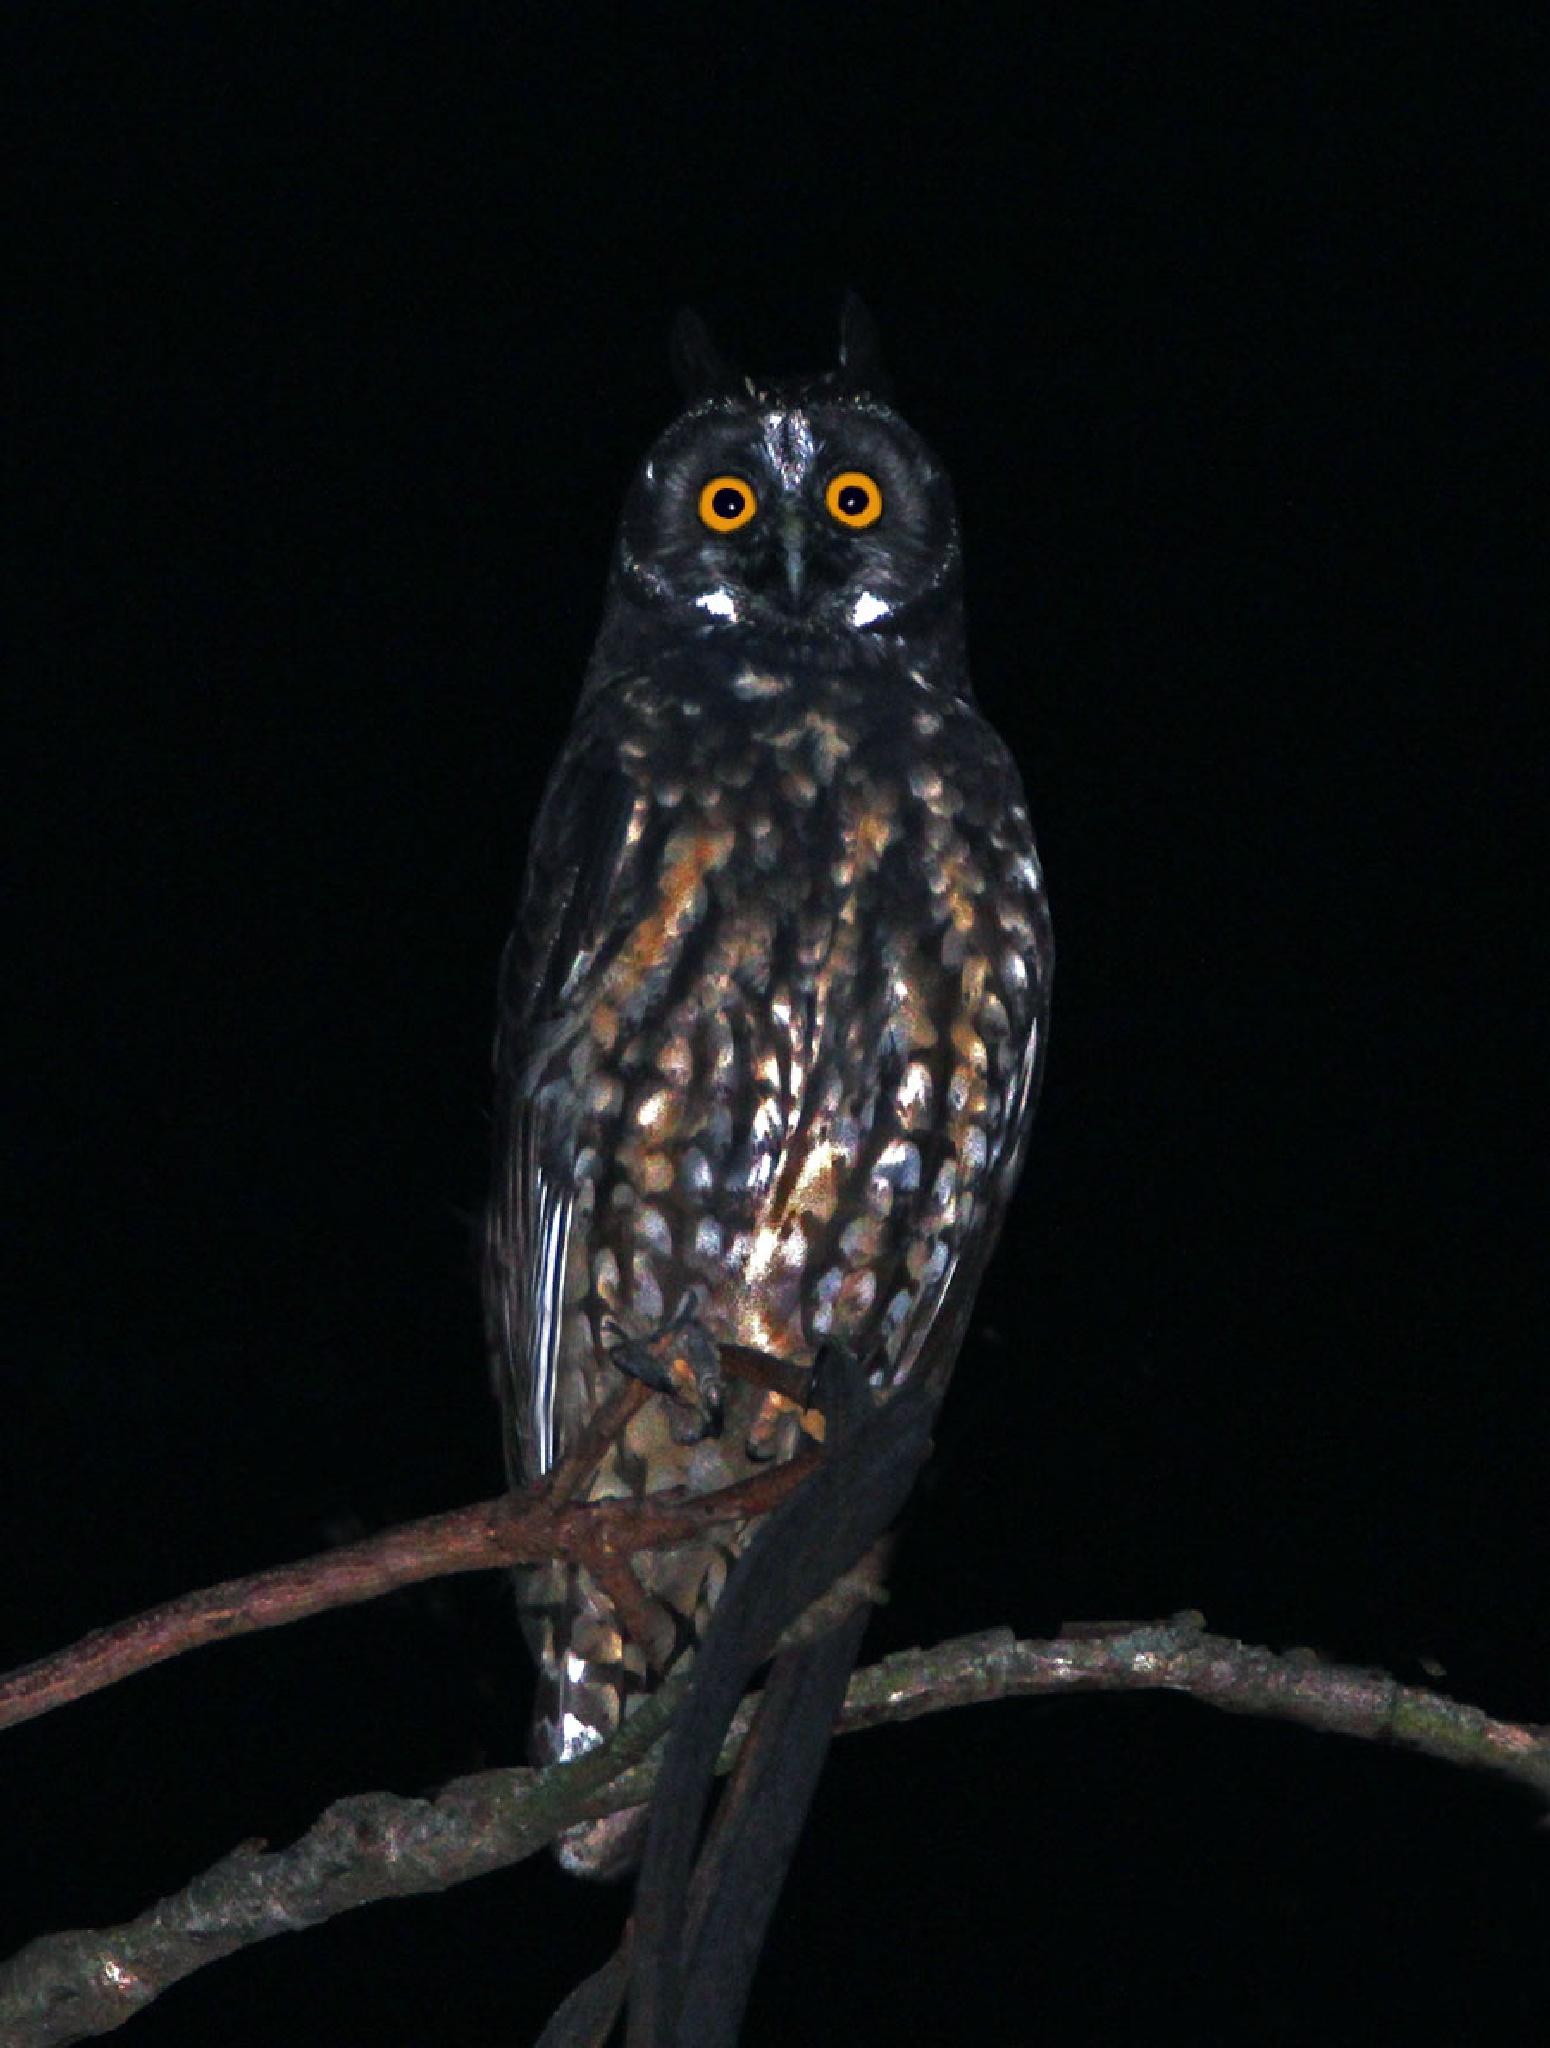 Asio stygius - Stygian Owl/Mocho Diabo by alex.satsukawa